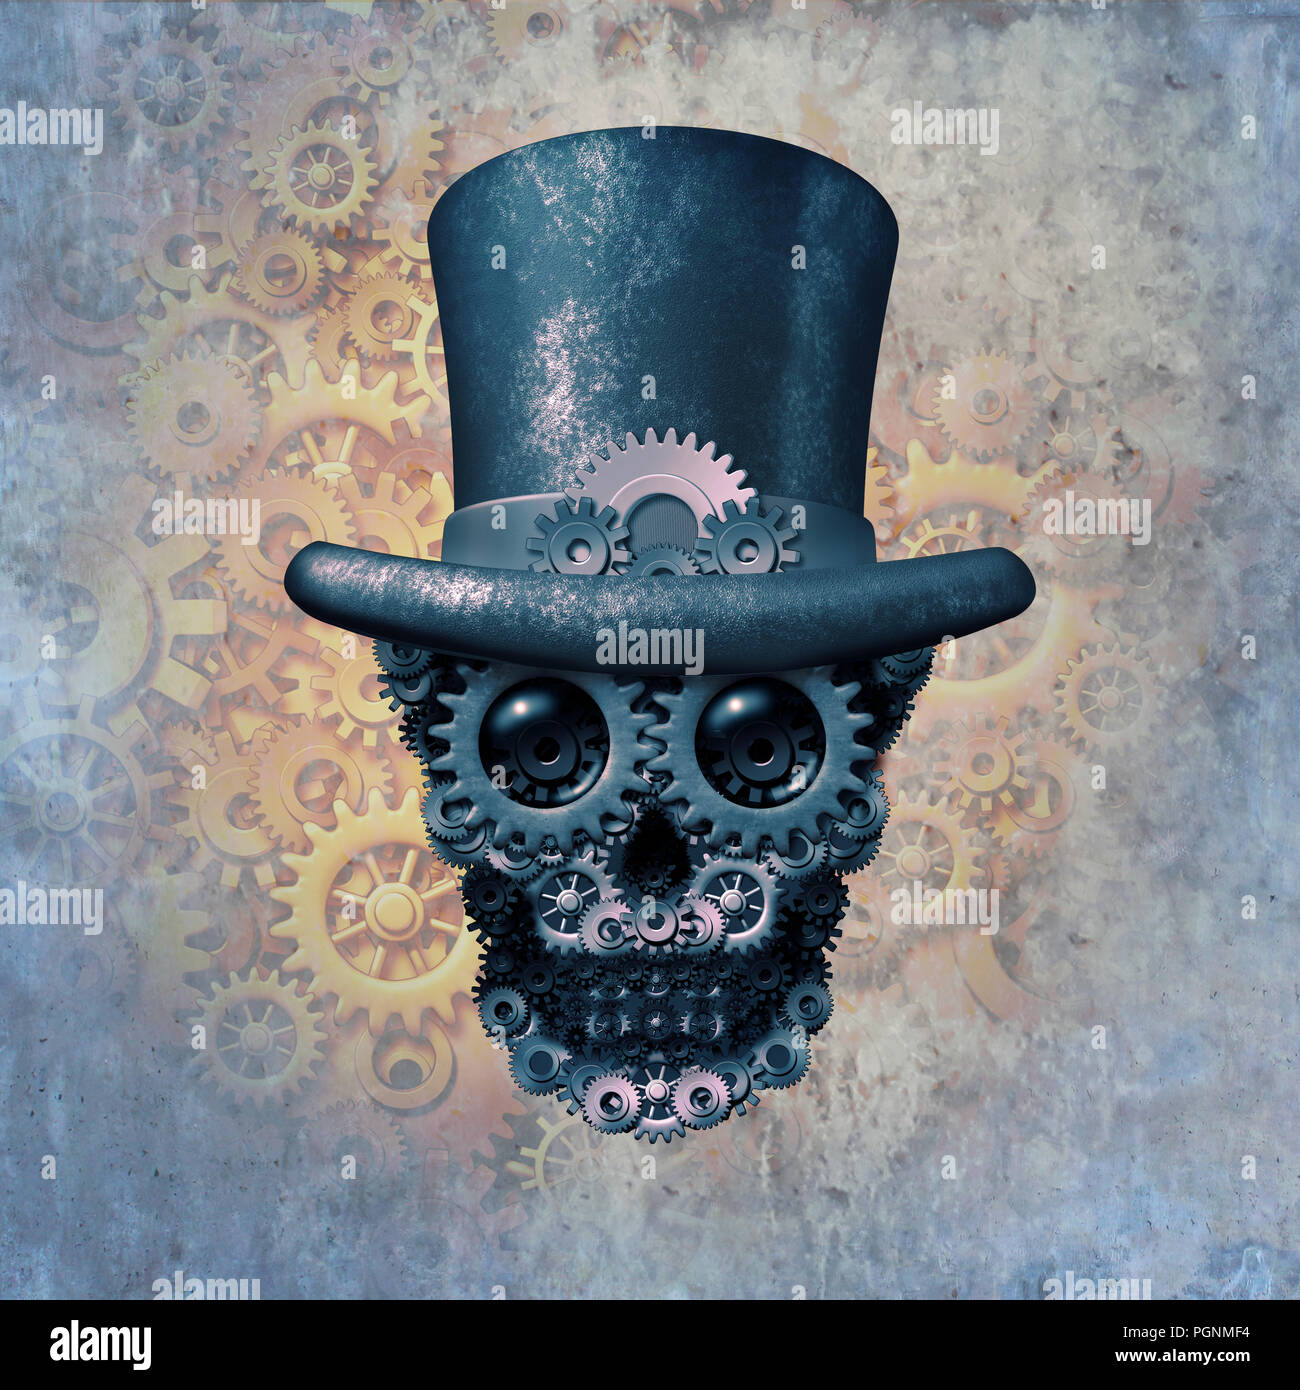 Concepto de cráneo steampunk o steam punk de ciencia ficción fantasía histórica con un grupo de engranajes y dientes con forma de cabeza de un esqueleto. Imagen De Stock